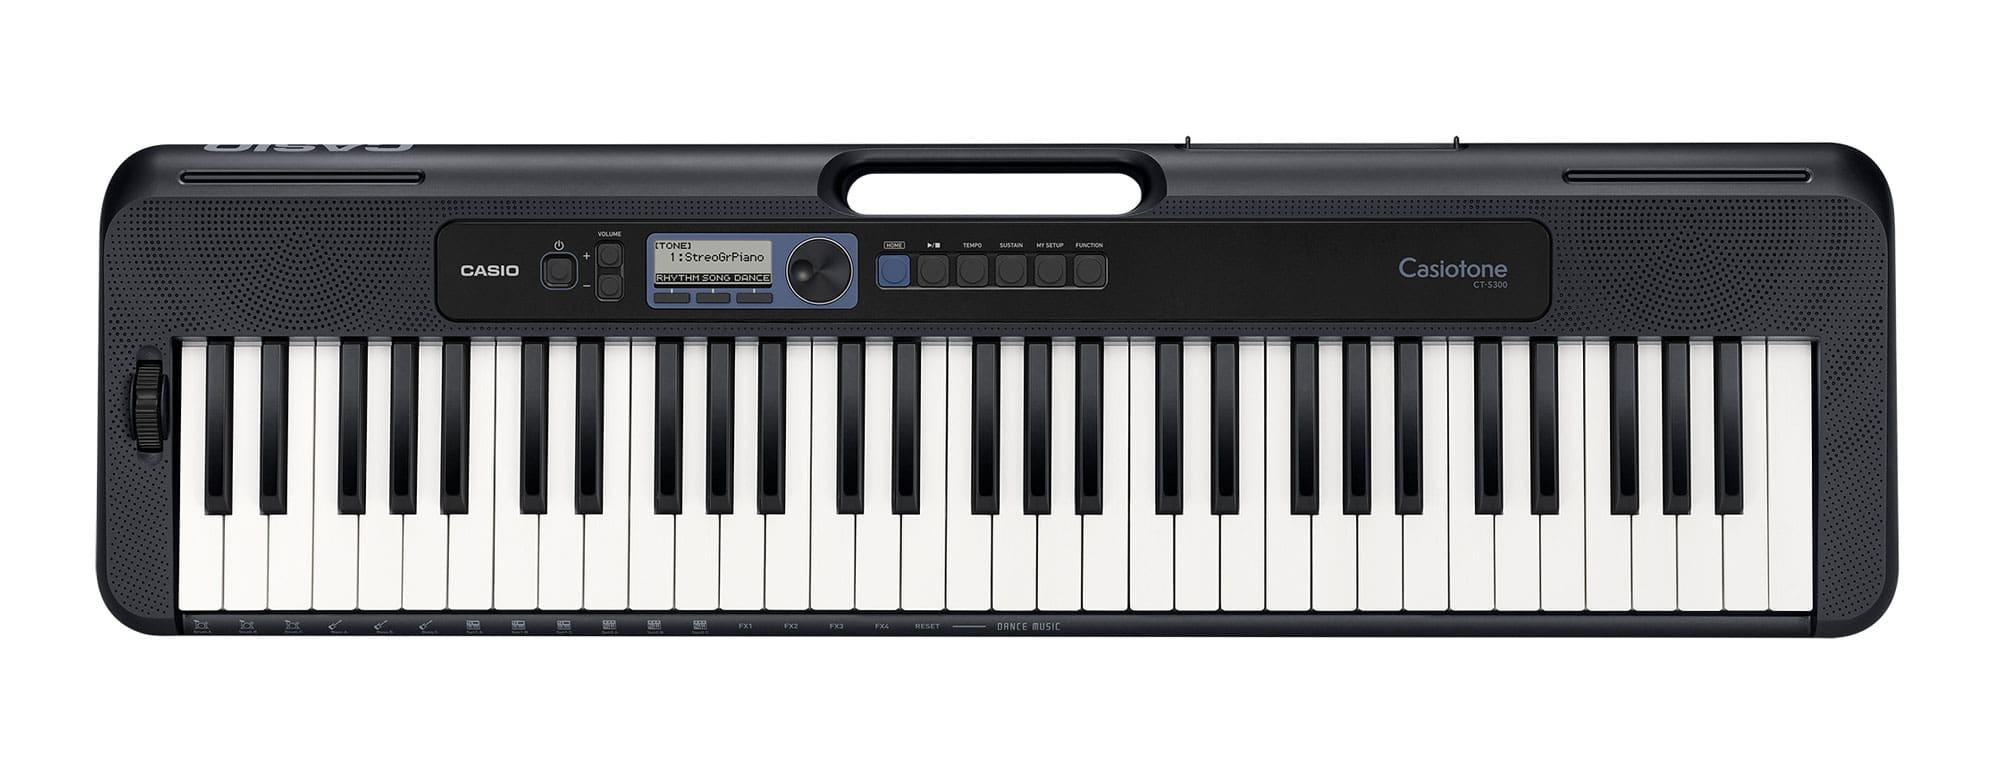 Casio CT-S300 Keyboard Schwarz